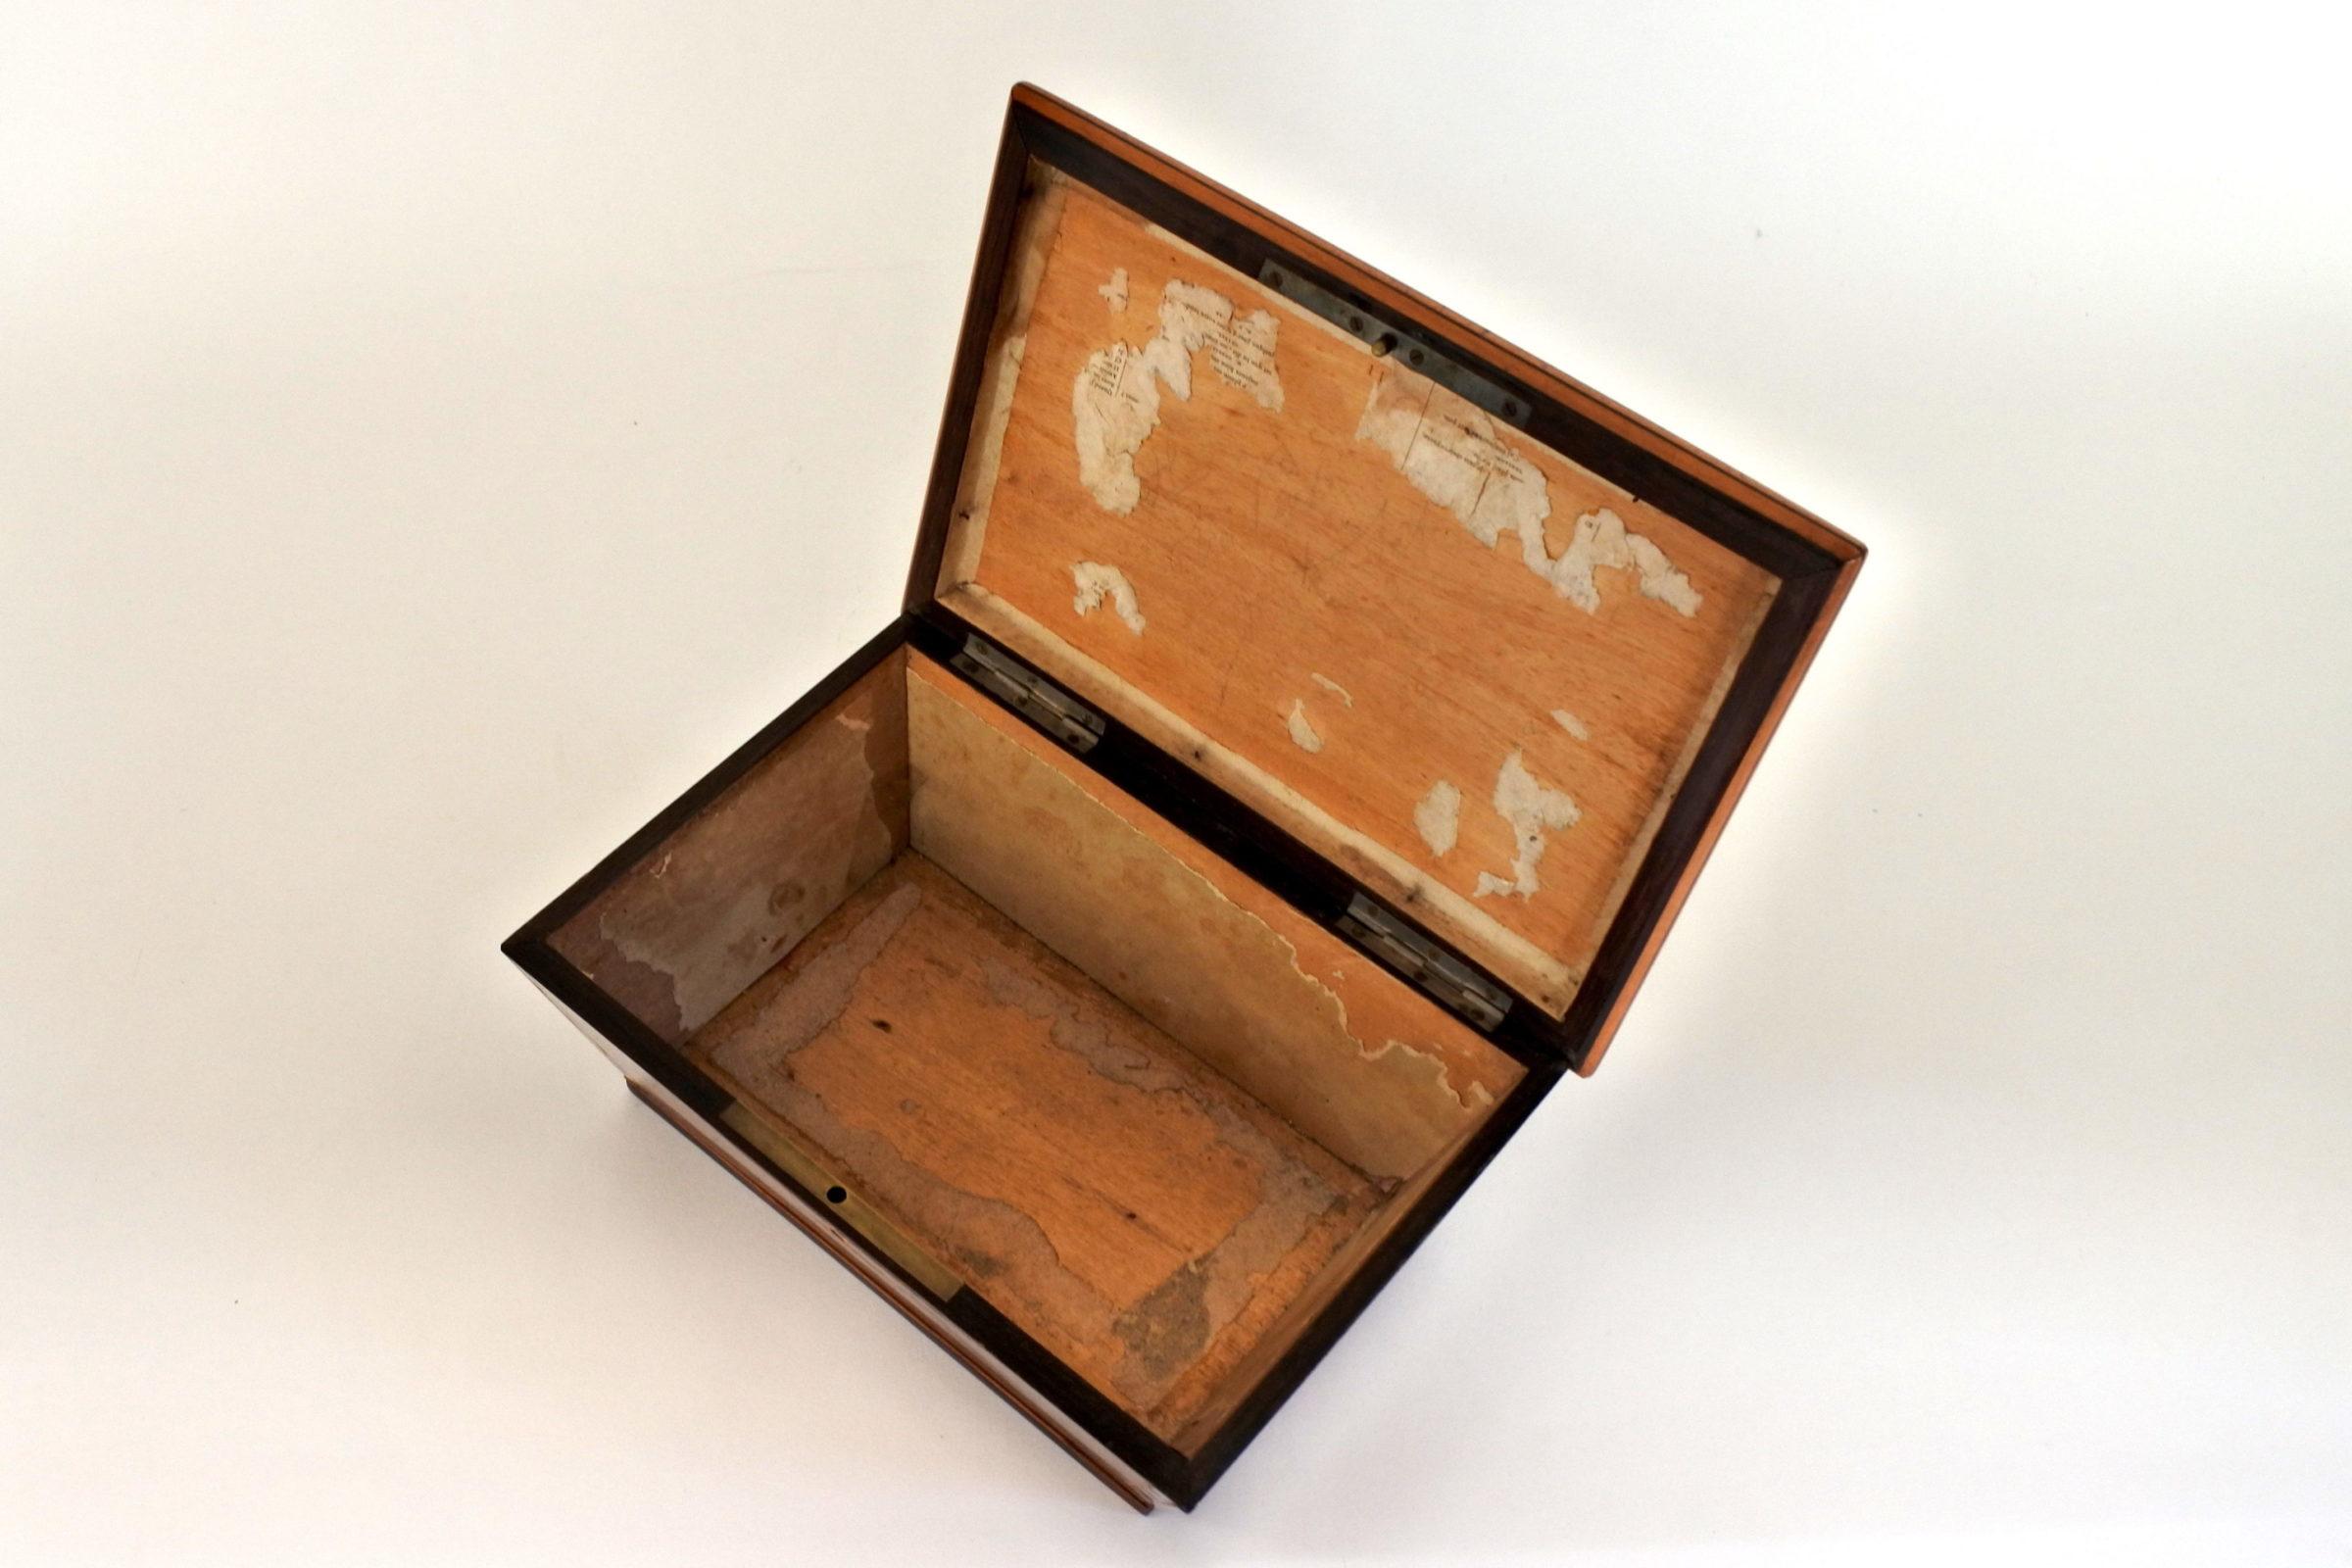 Scatola intarsiata in radica di legno - 8